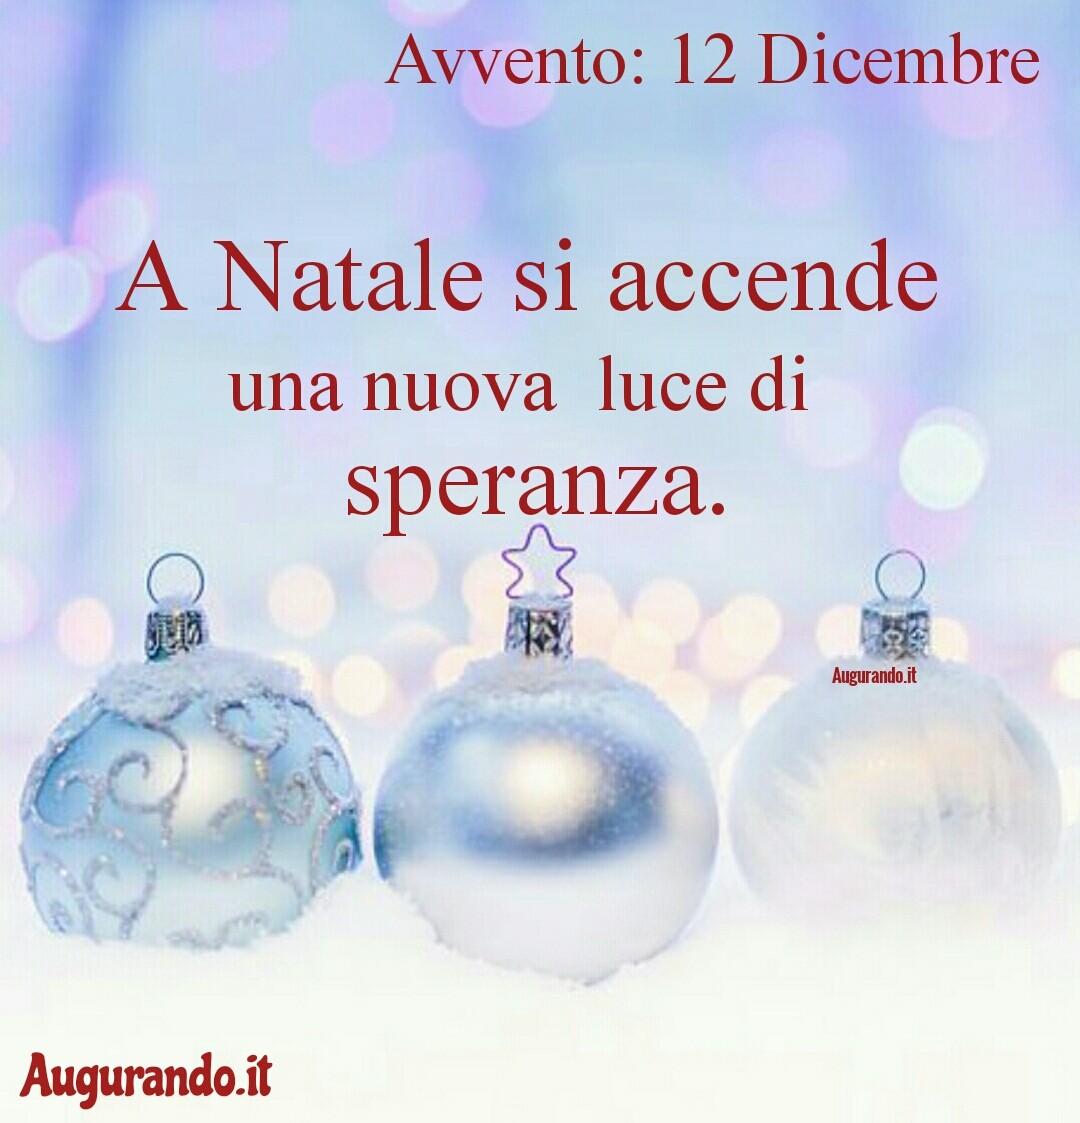 Giorno calendario Avvento 12 Dicembre